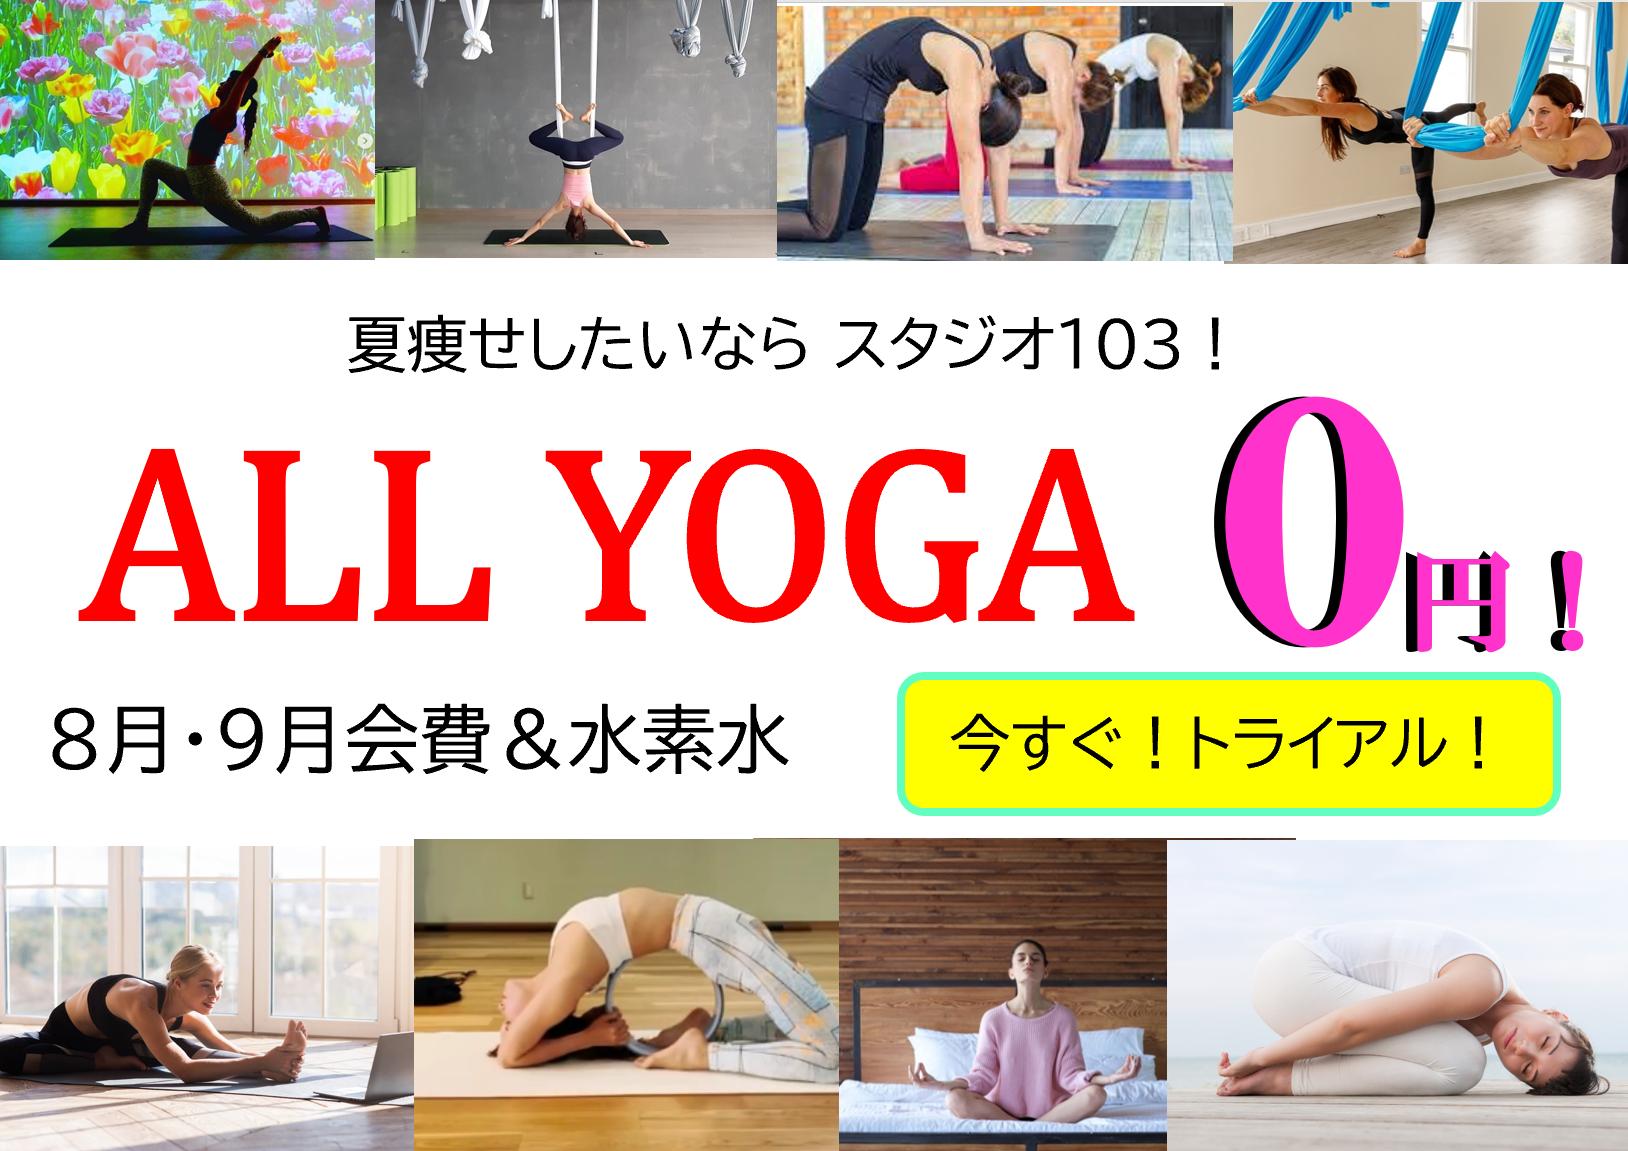 8月・9月&水素水無料!ALL YOGA0円!(8/31まで)